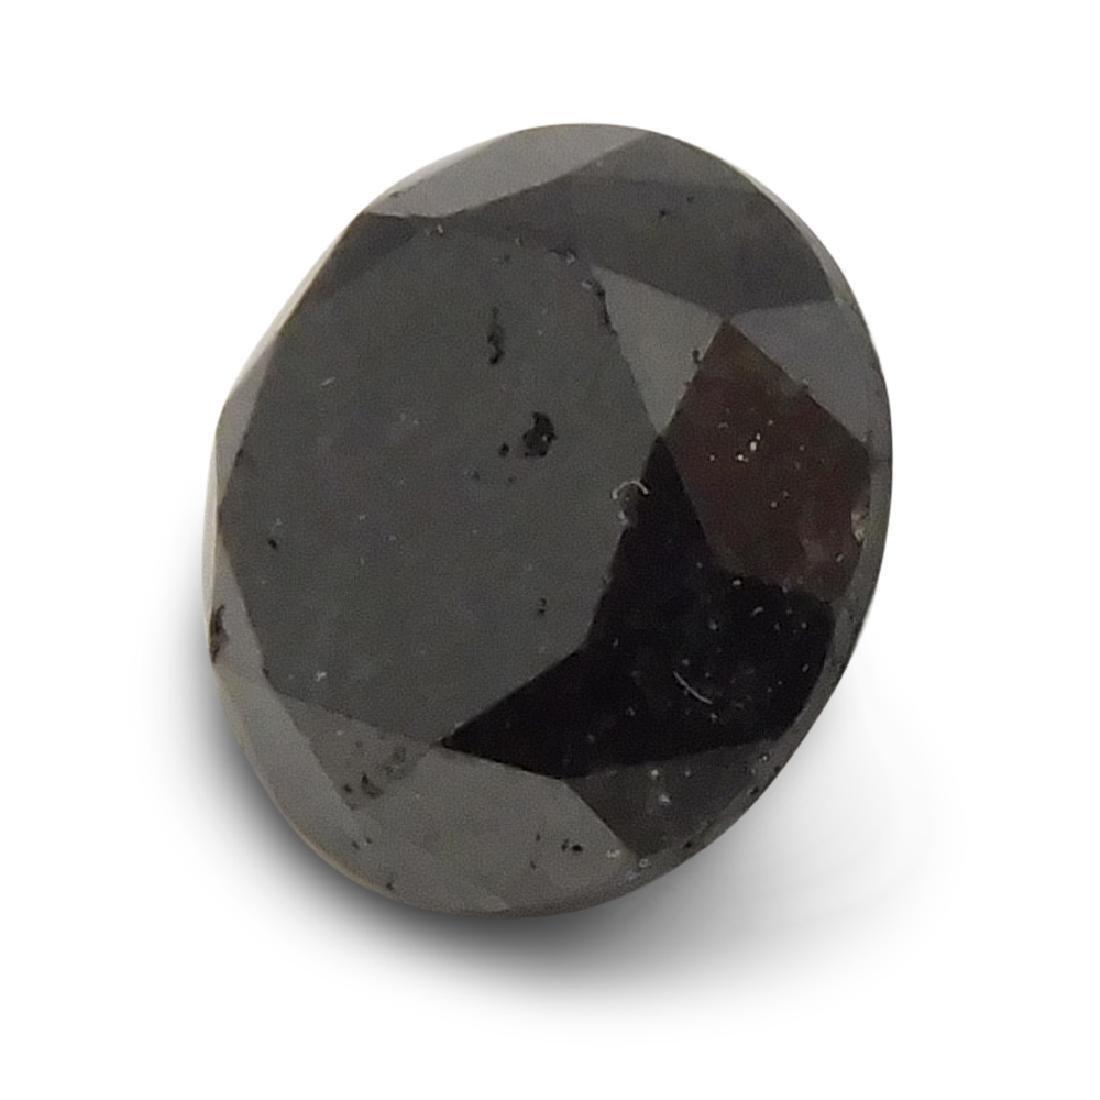 1.9 Carat Loose Round Black Diamond - 7